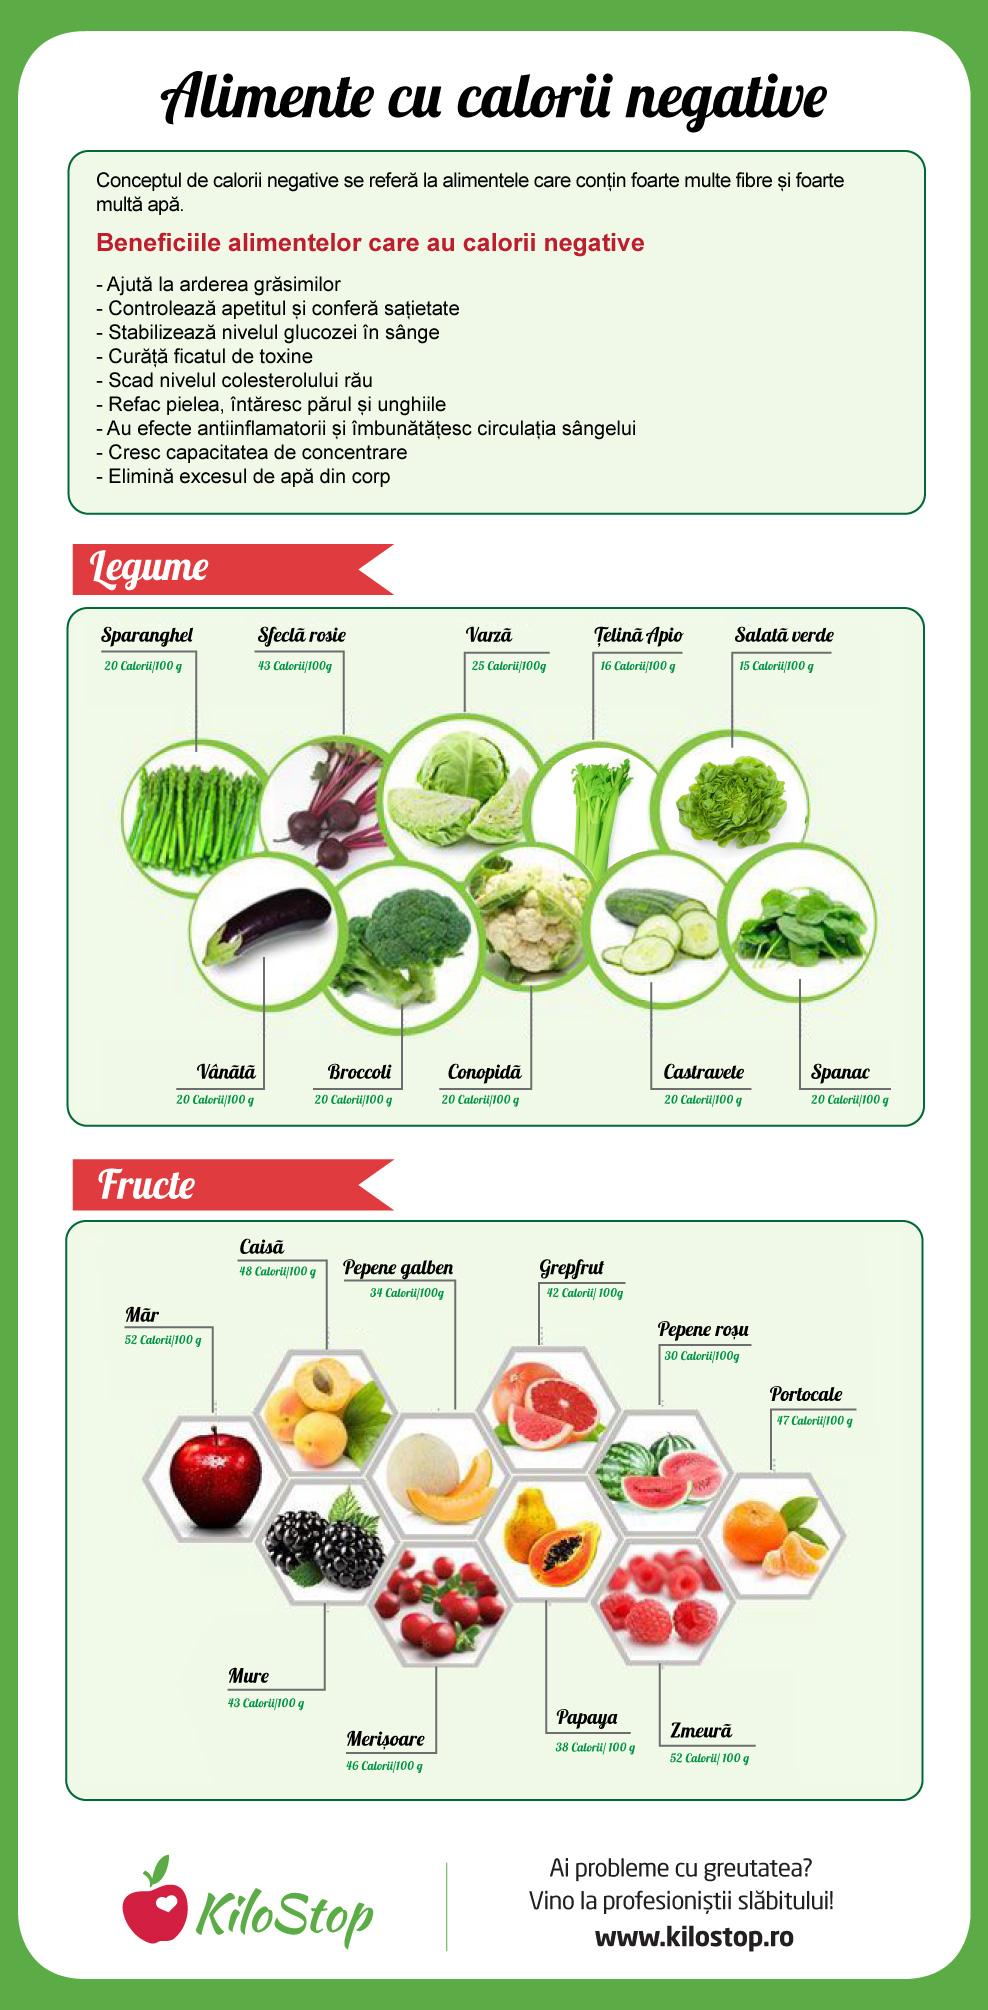 Top 5 alimente care ajută la combaterea celulitei